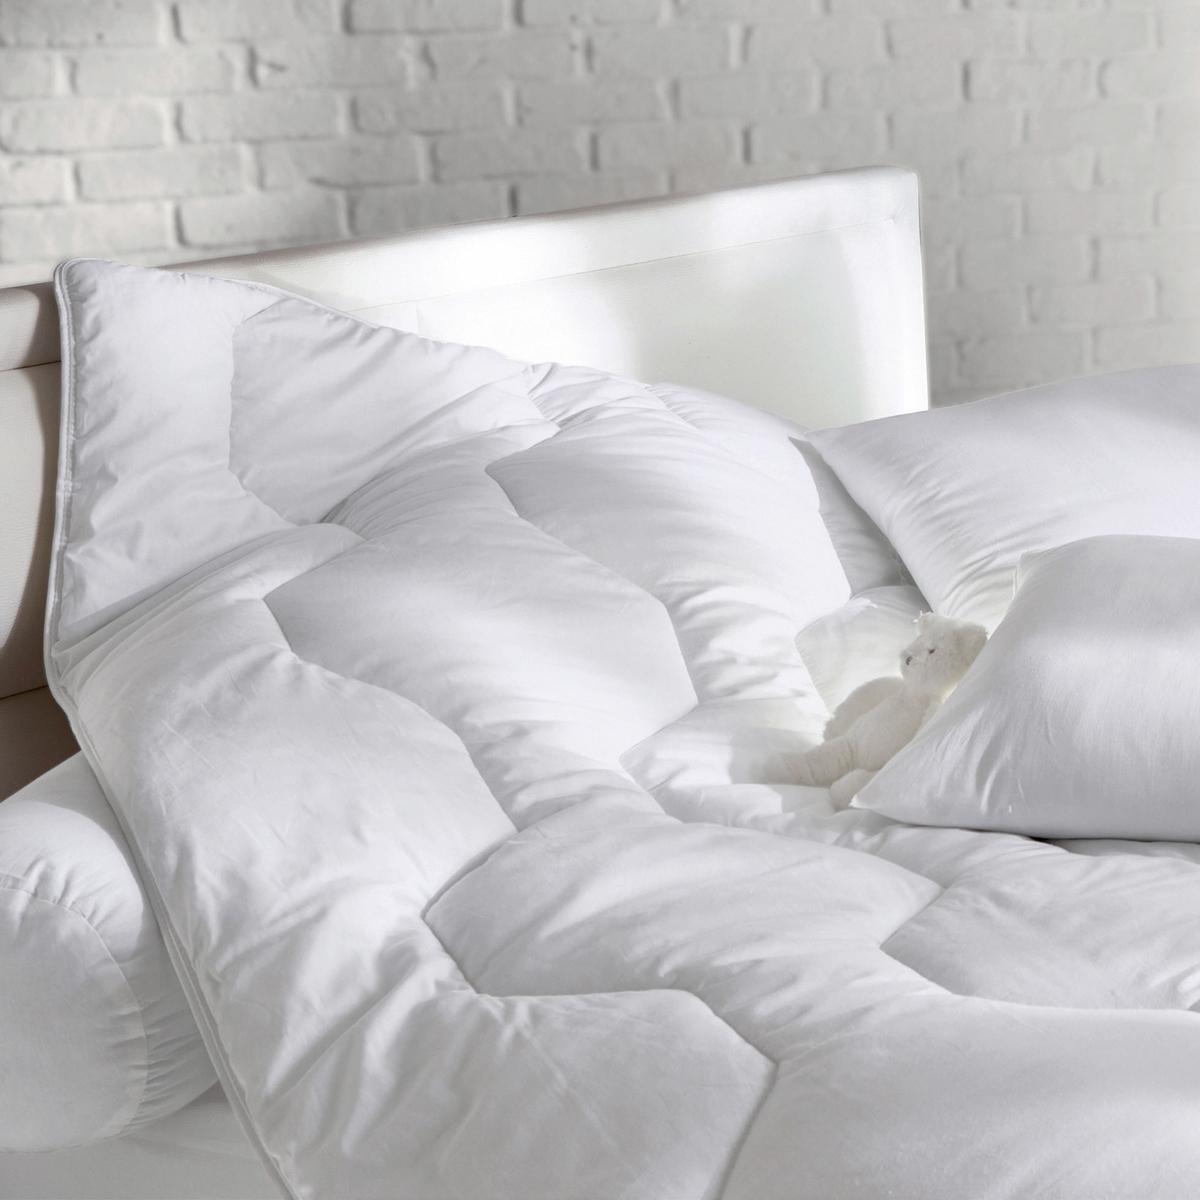 Двойное одеяло синтетическое 4 сезона с обработкой от насекомых одеяло luolailin 100